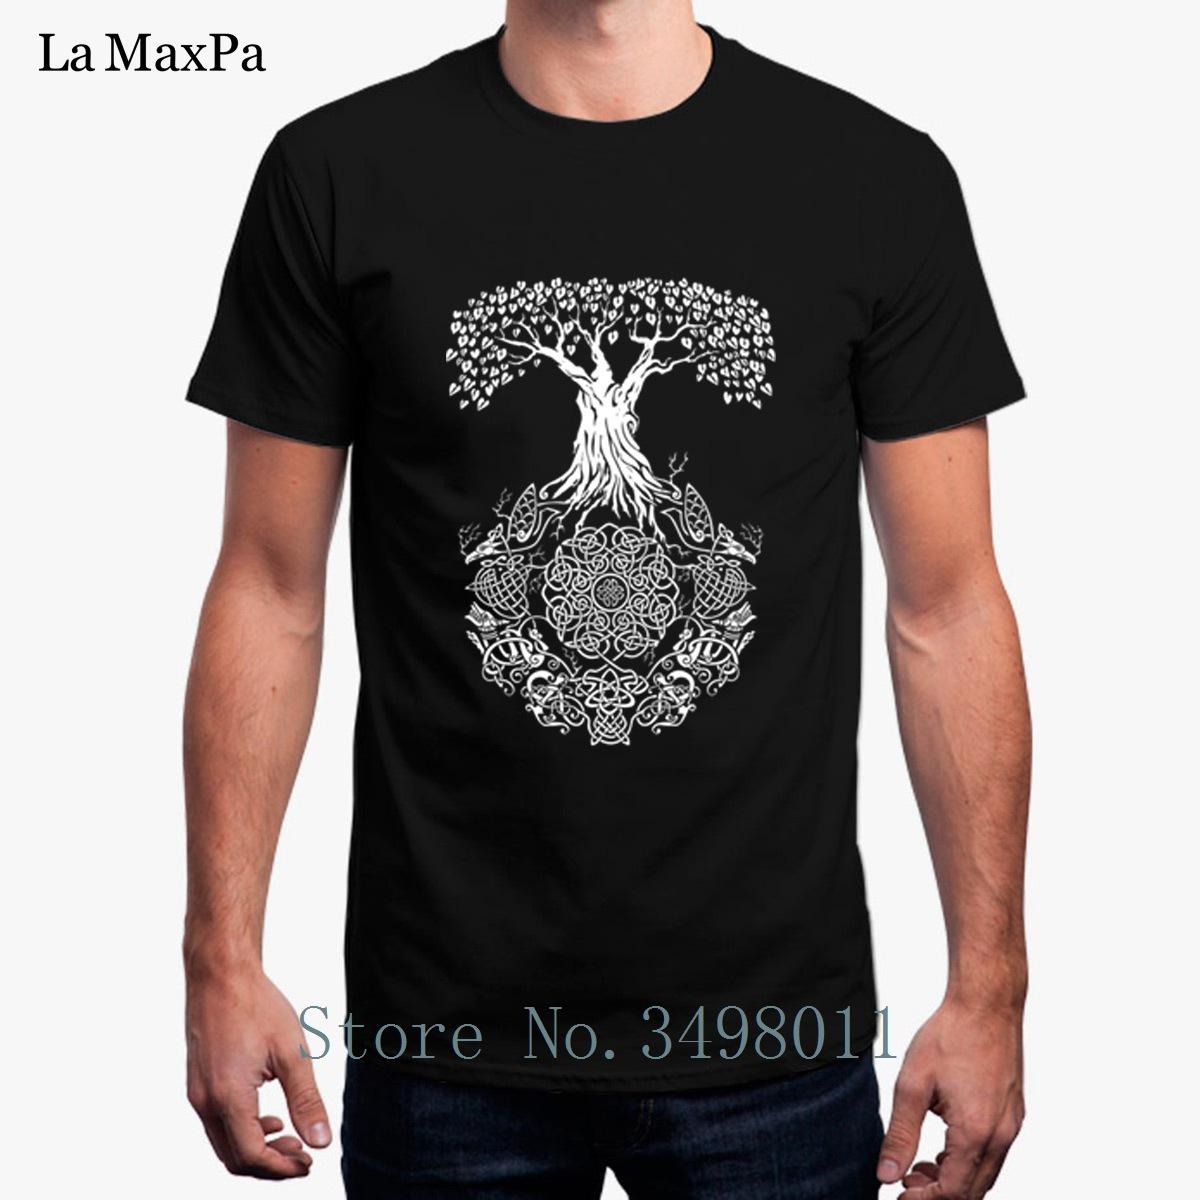 Nouveau T-Shirt Yggdrasil Tree Of Life pour Homme Été T-Shirt À Manches Longues Vêtements S-3xl T-shirt À Manches Courtes Hip Hop